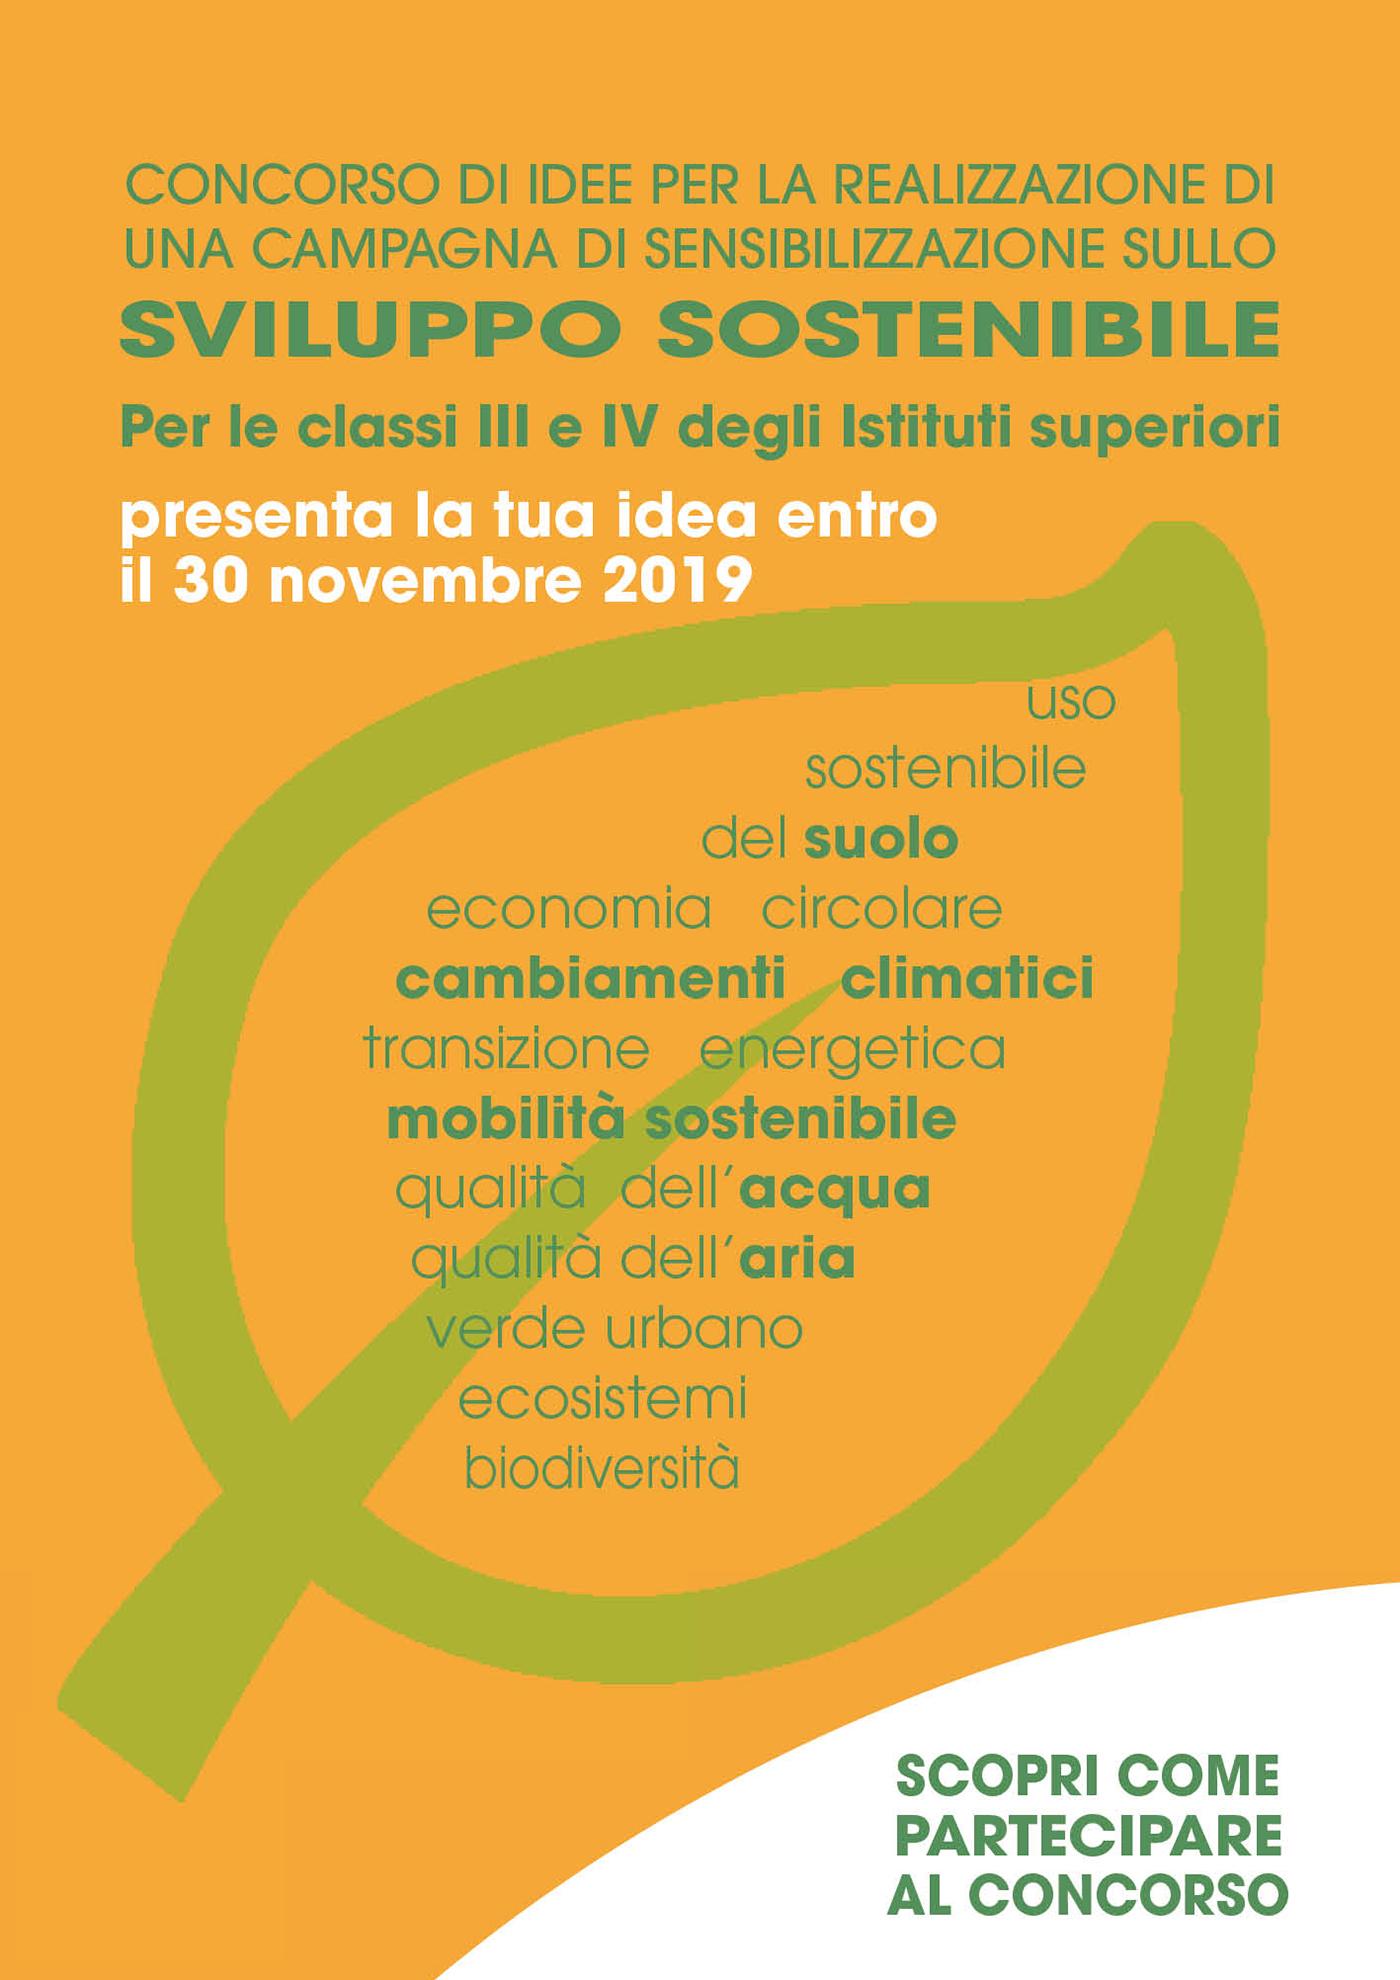 Concorso di idee -  sviluppo sostenibile